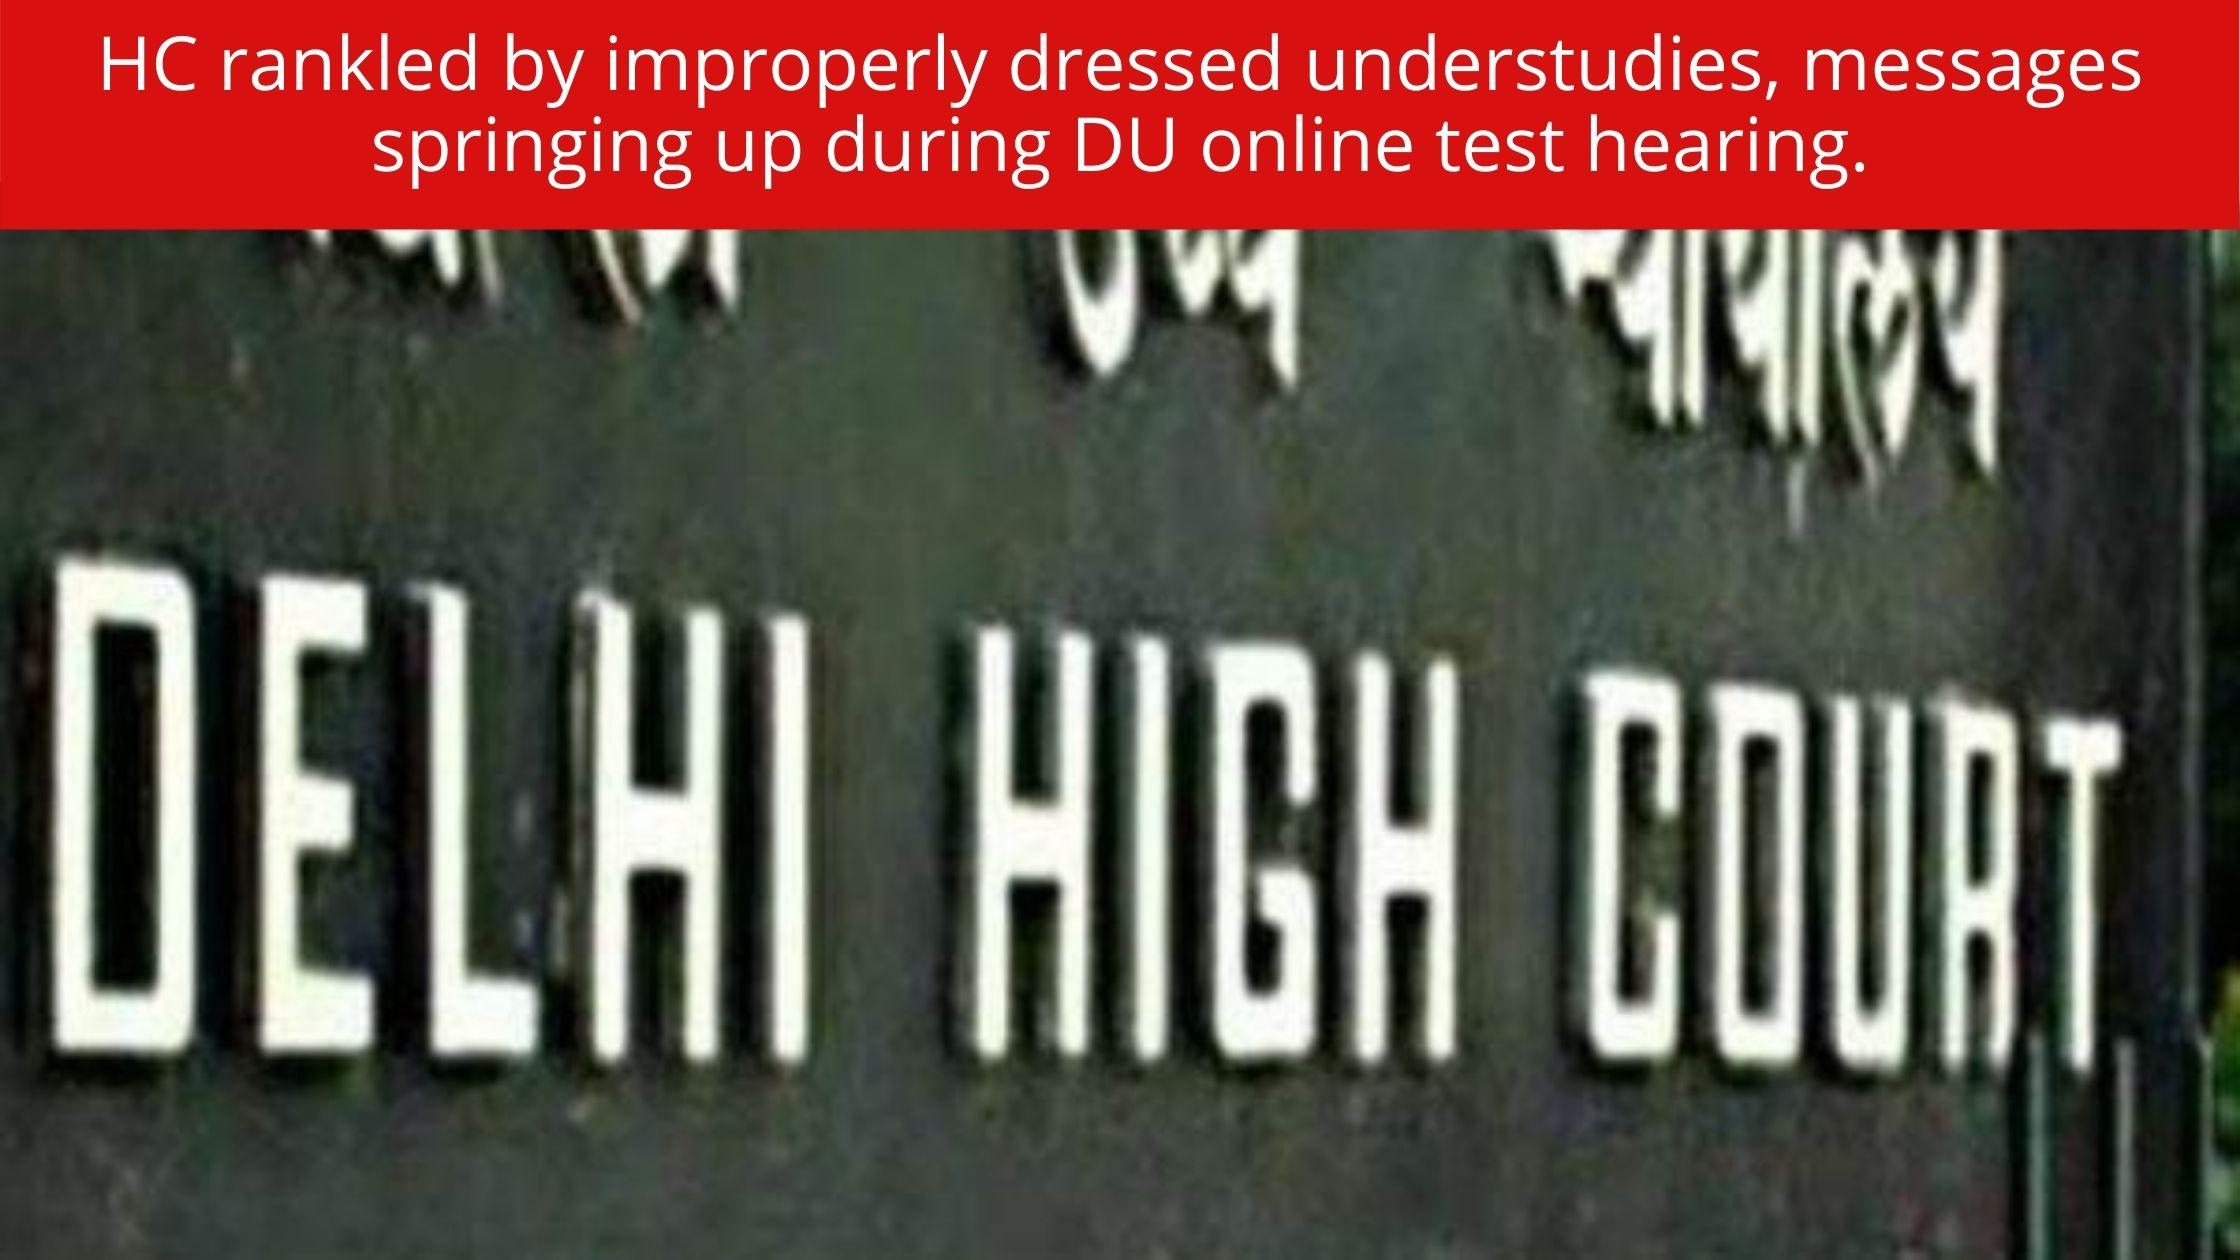 HC rankled by improperly dressed understudies, messages springing up during DU online test hearing.